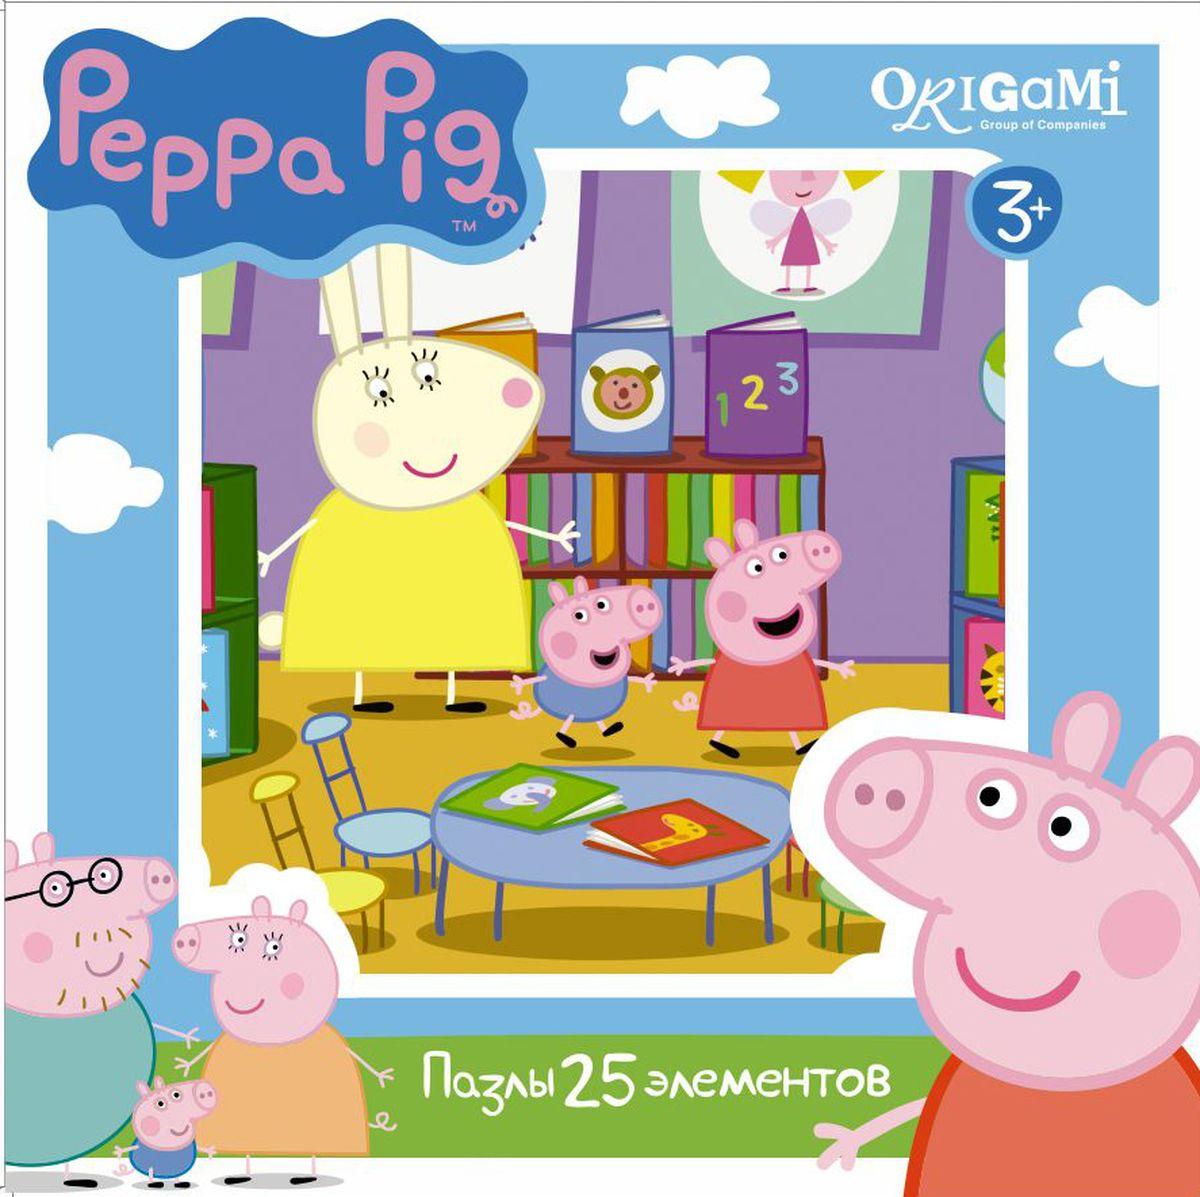 Оригами Пазл для малышей Peppa Pig 01583 оригами пазл для малышей цыпленок с подарком